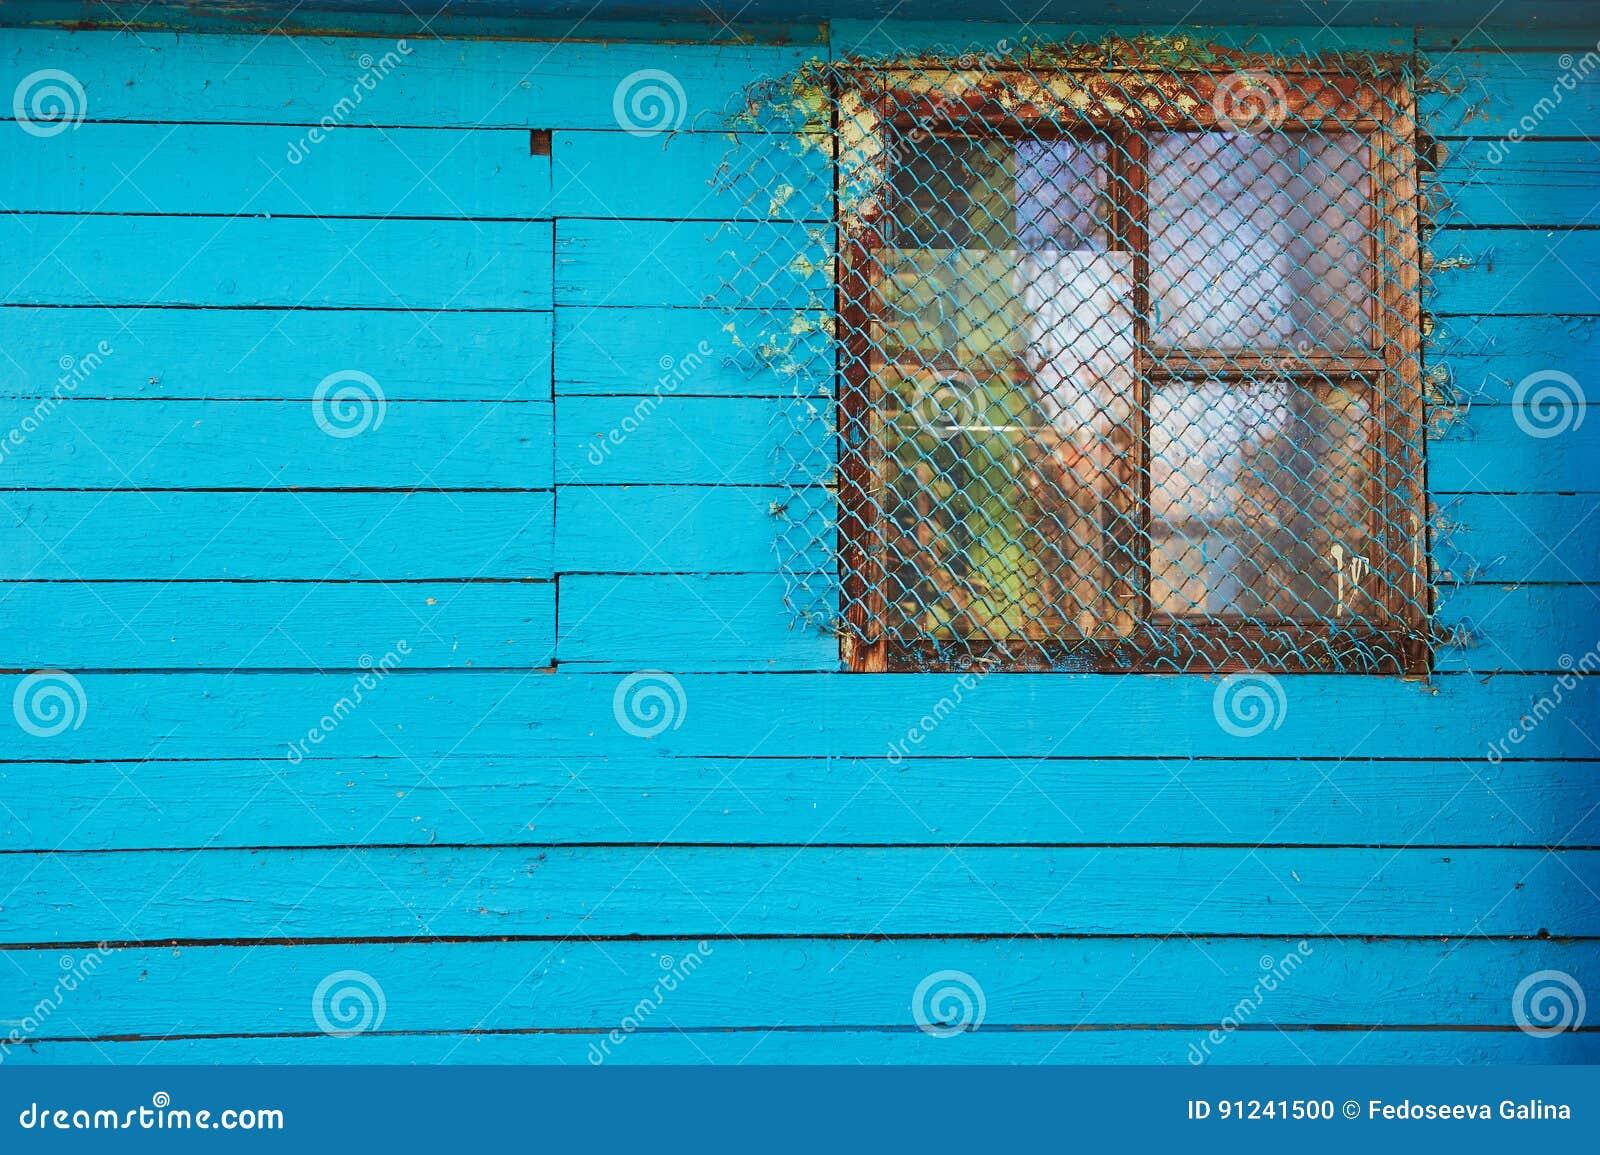 Casa o granero azul de madera vieja con una pequeña ventana barrada